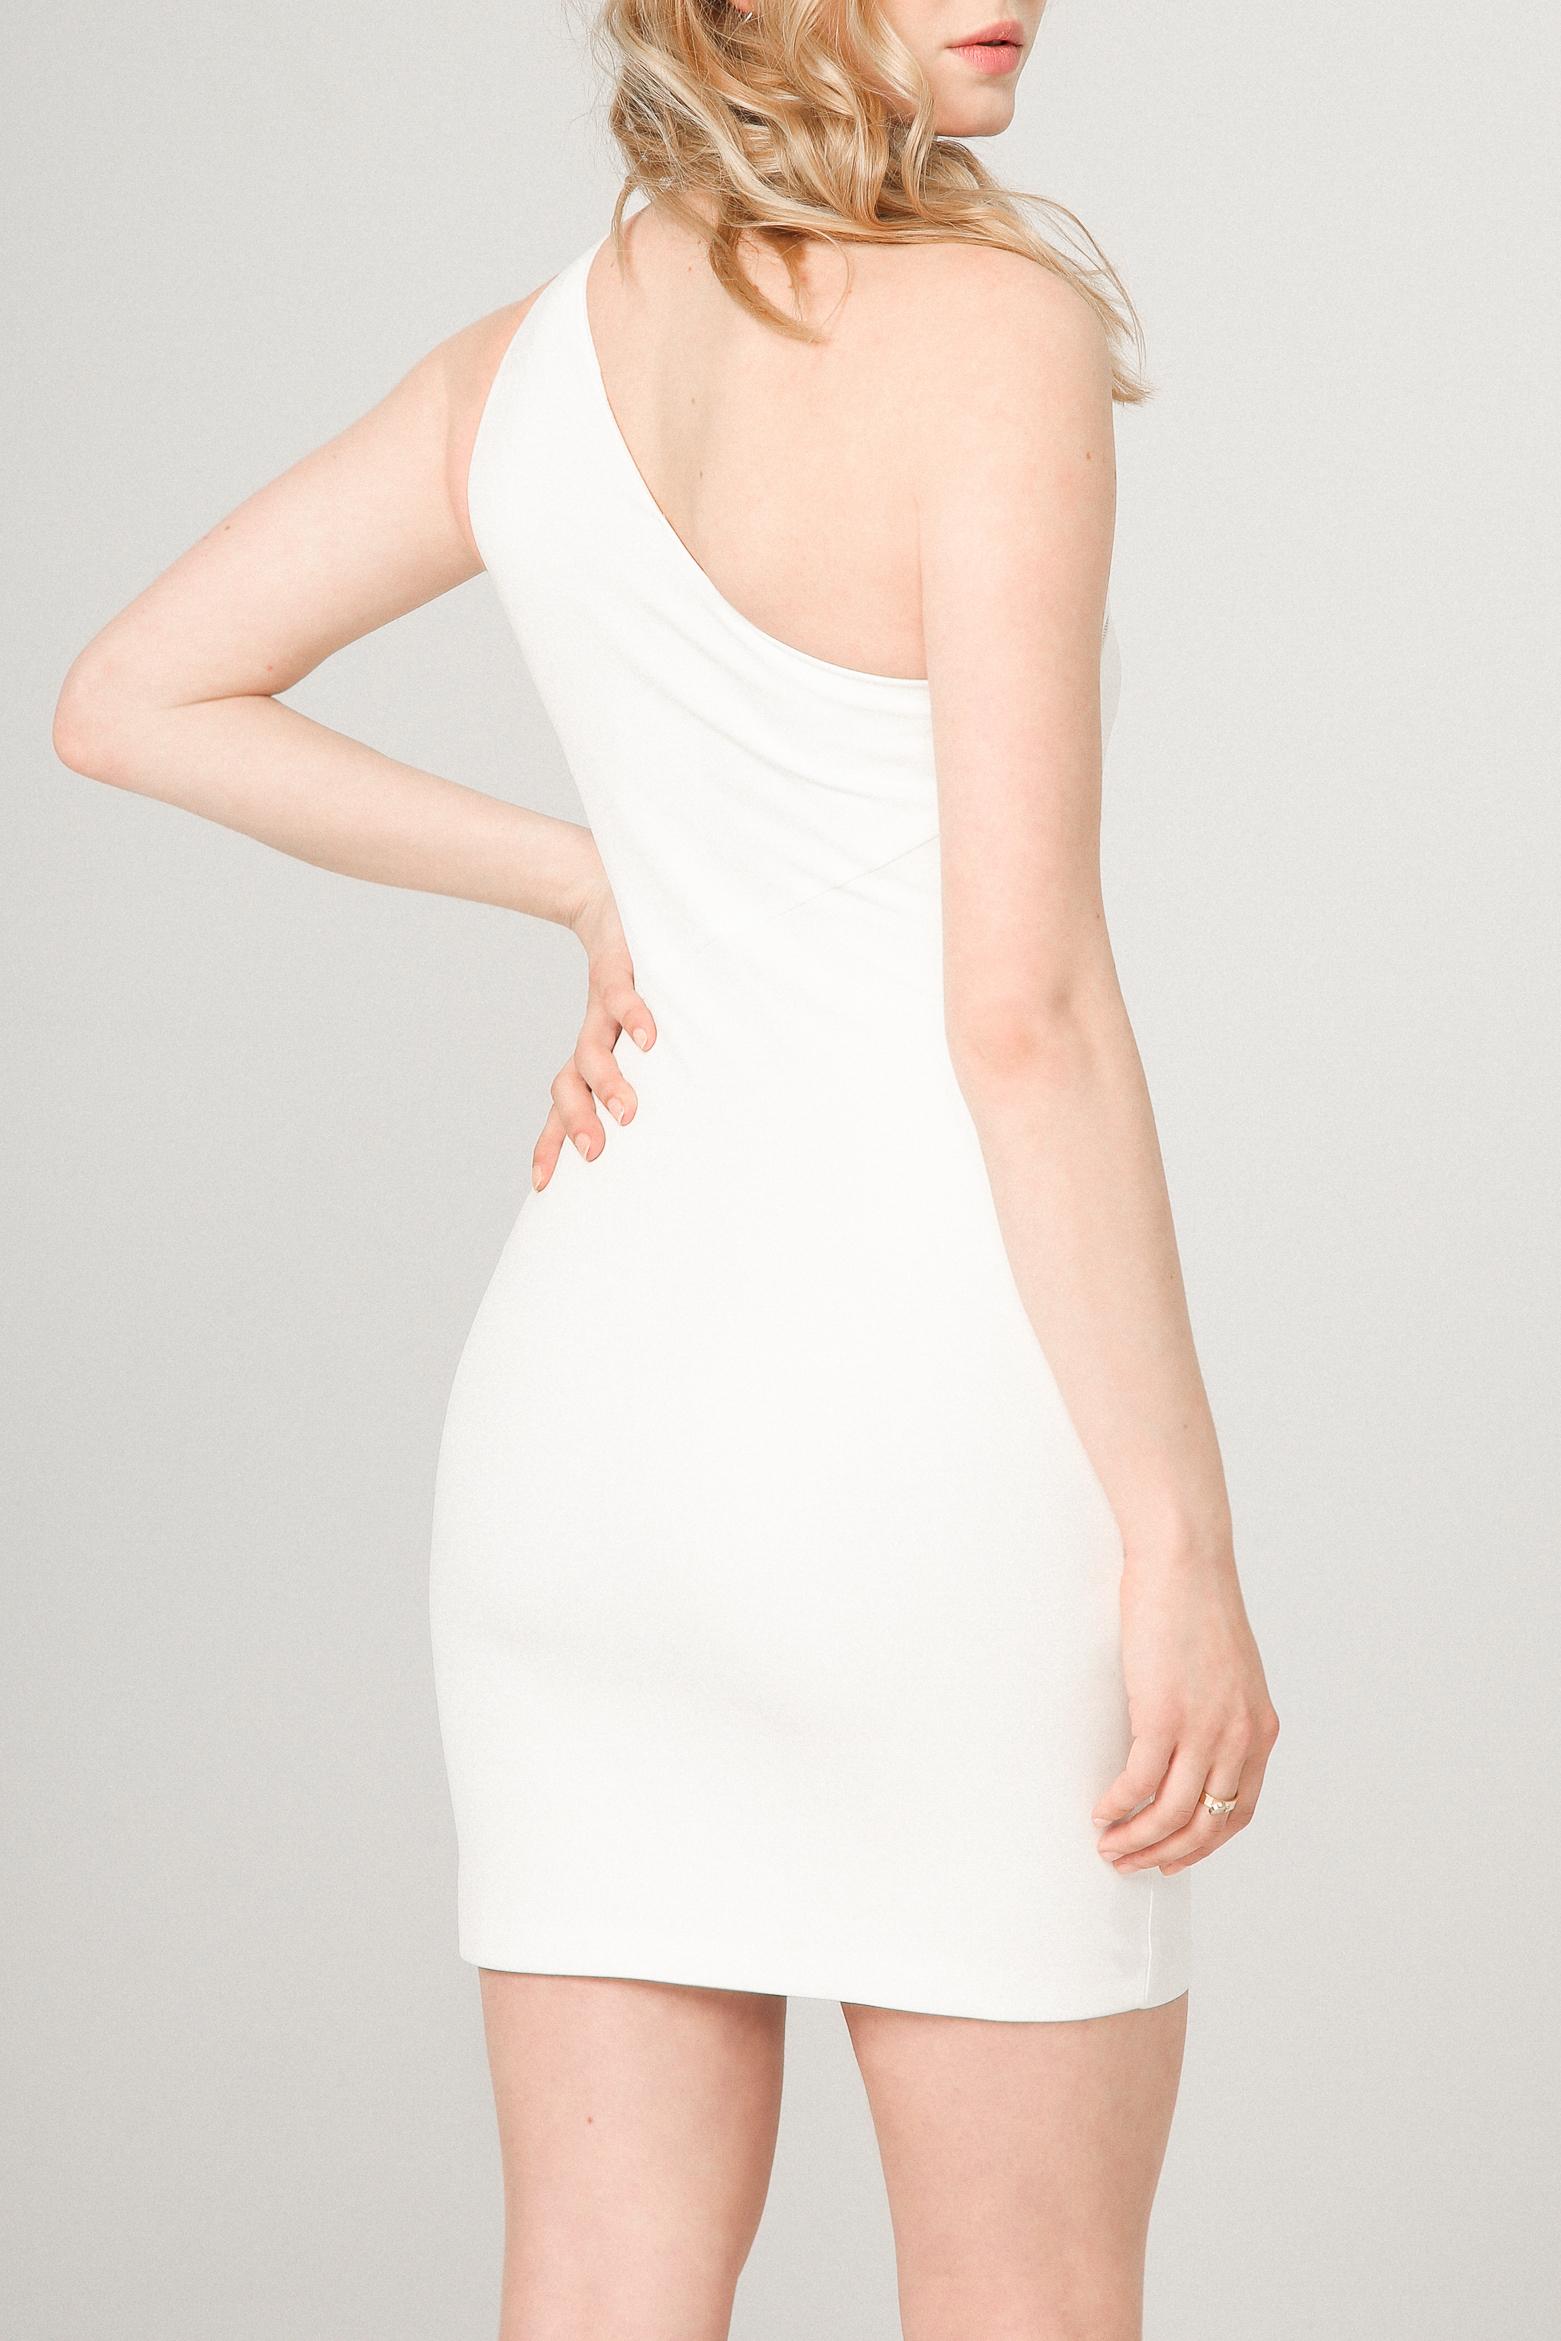 Robes  Fontana 2.0 GENESIA white